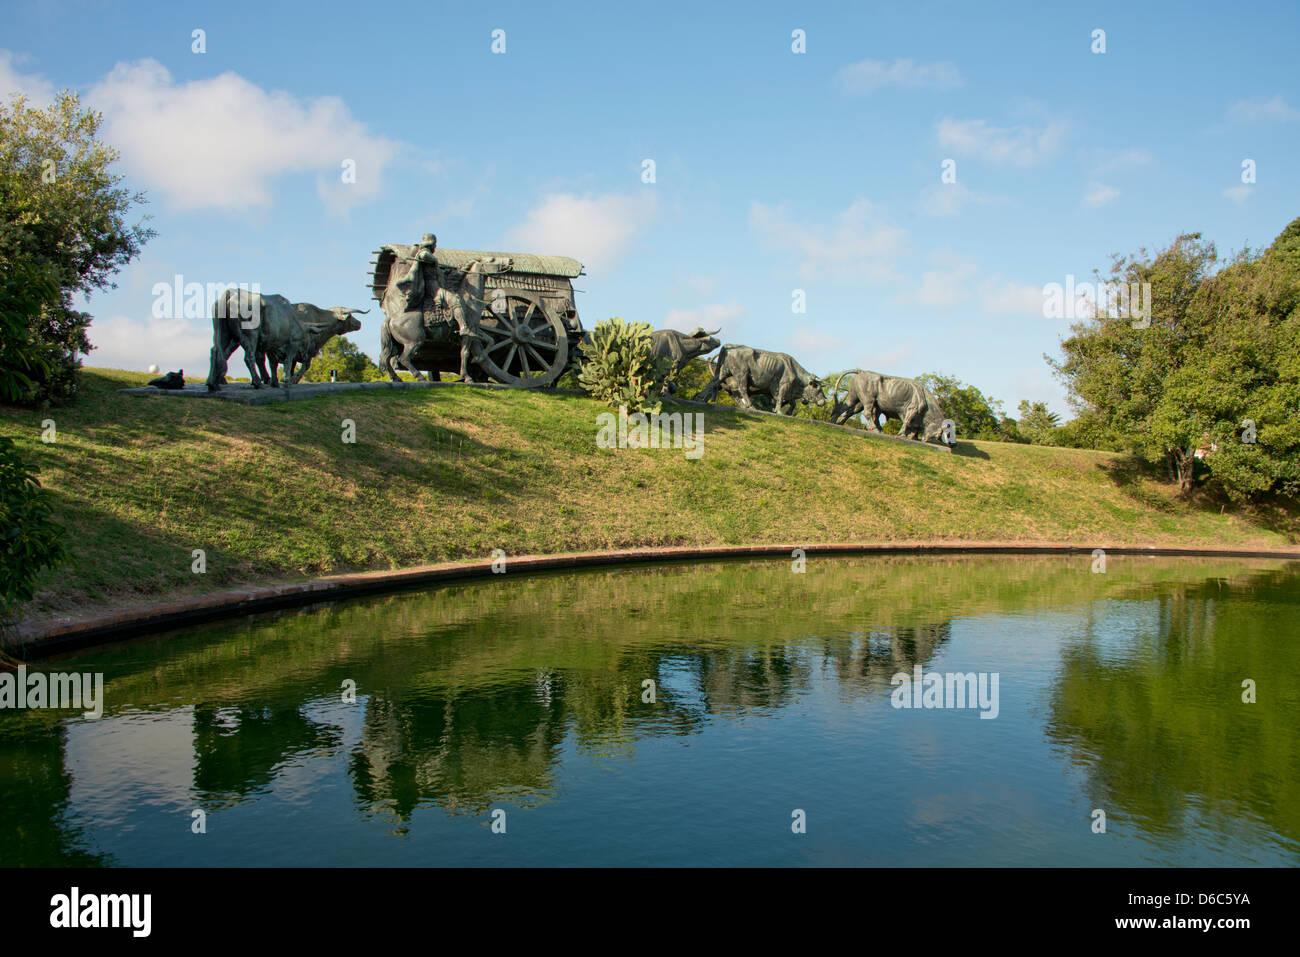 Uruguay, Montevideo, Battle Park (Parque Jose Battle y Ordonez). Famous sculpture, La Carreta. - Stock Image